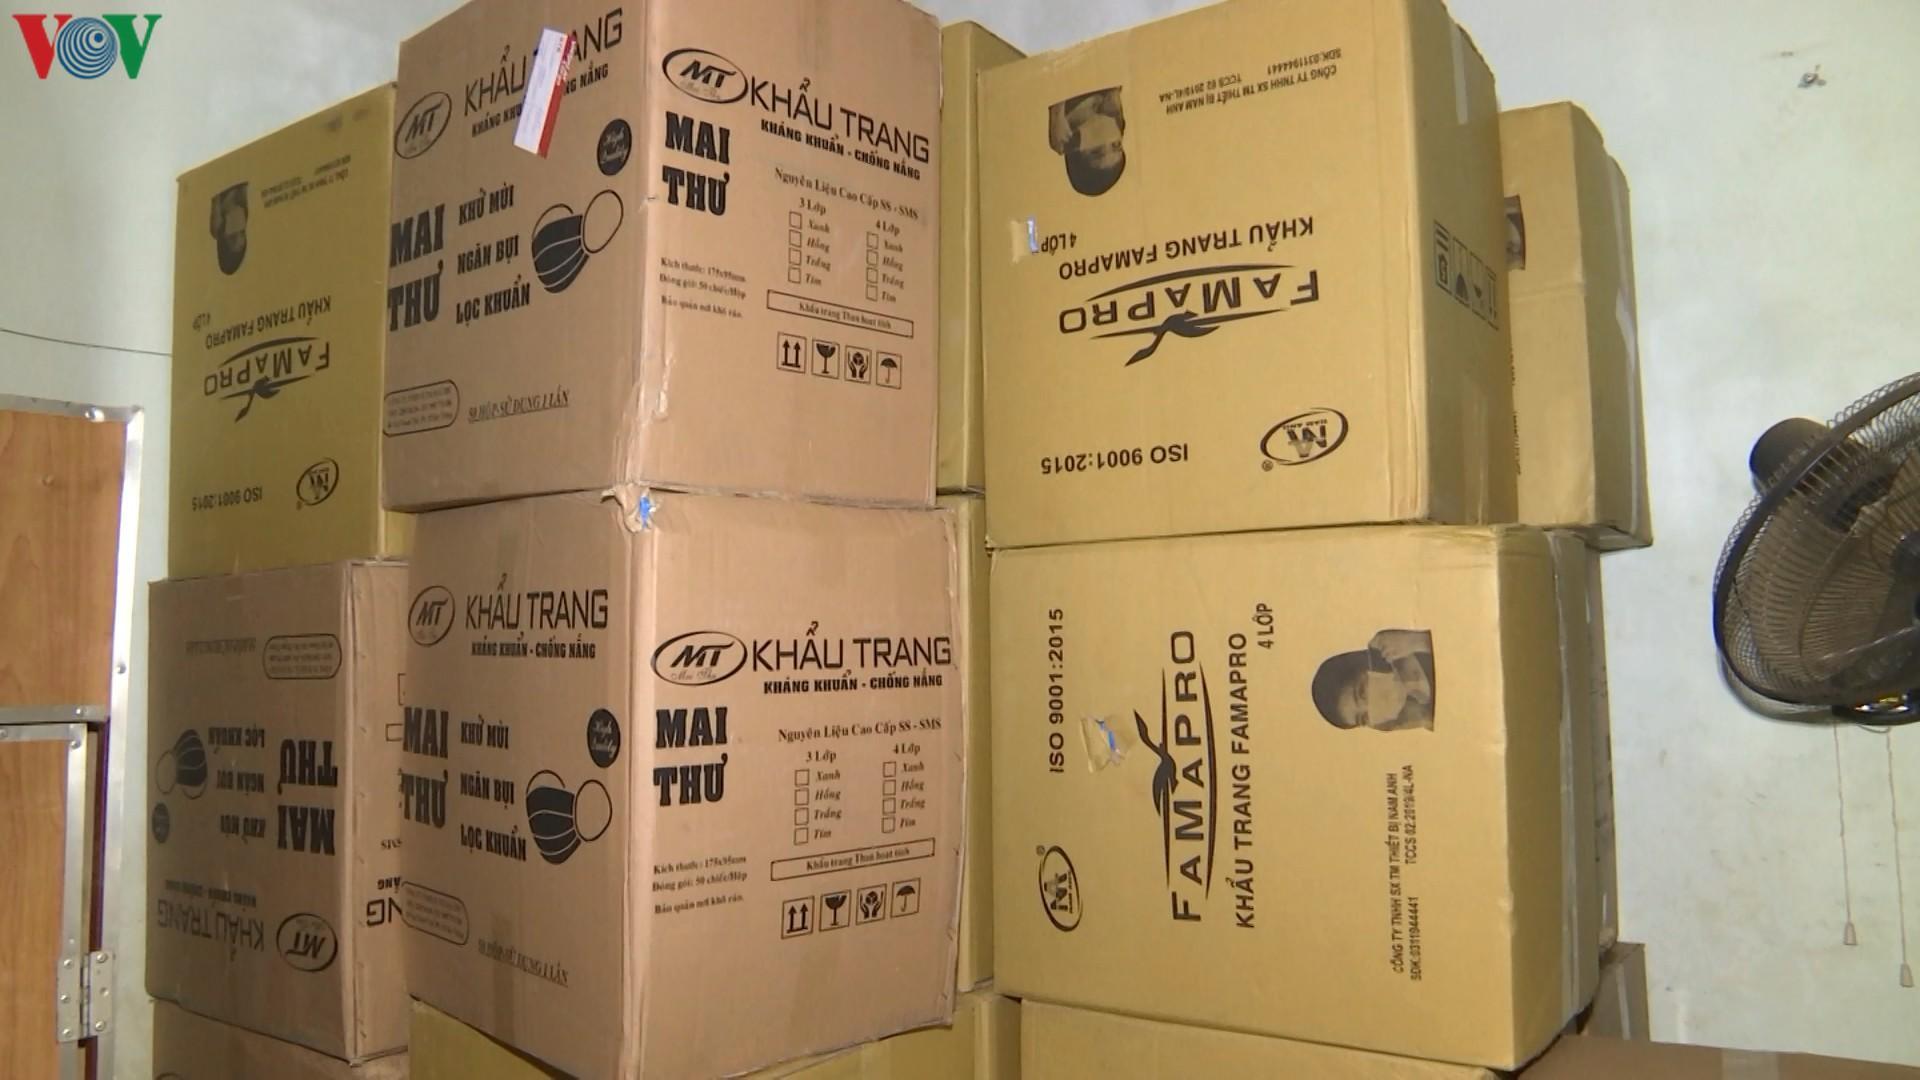 Lào Cai tạm giữ gần 150.000 chiếc khẩu trang có dấu hiệu vi phạm Ảnh 2